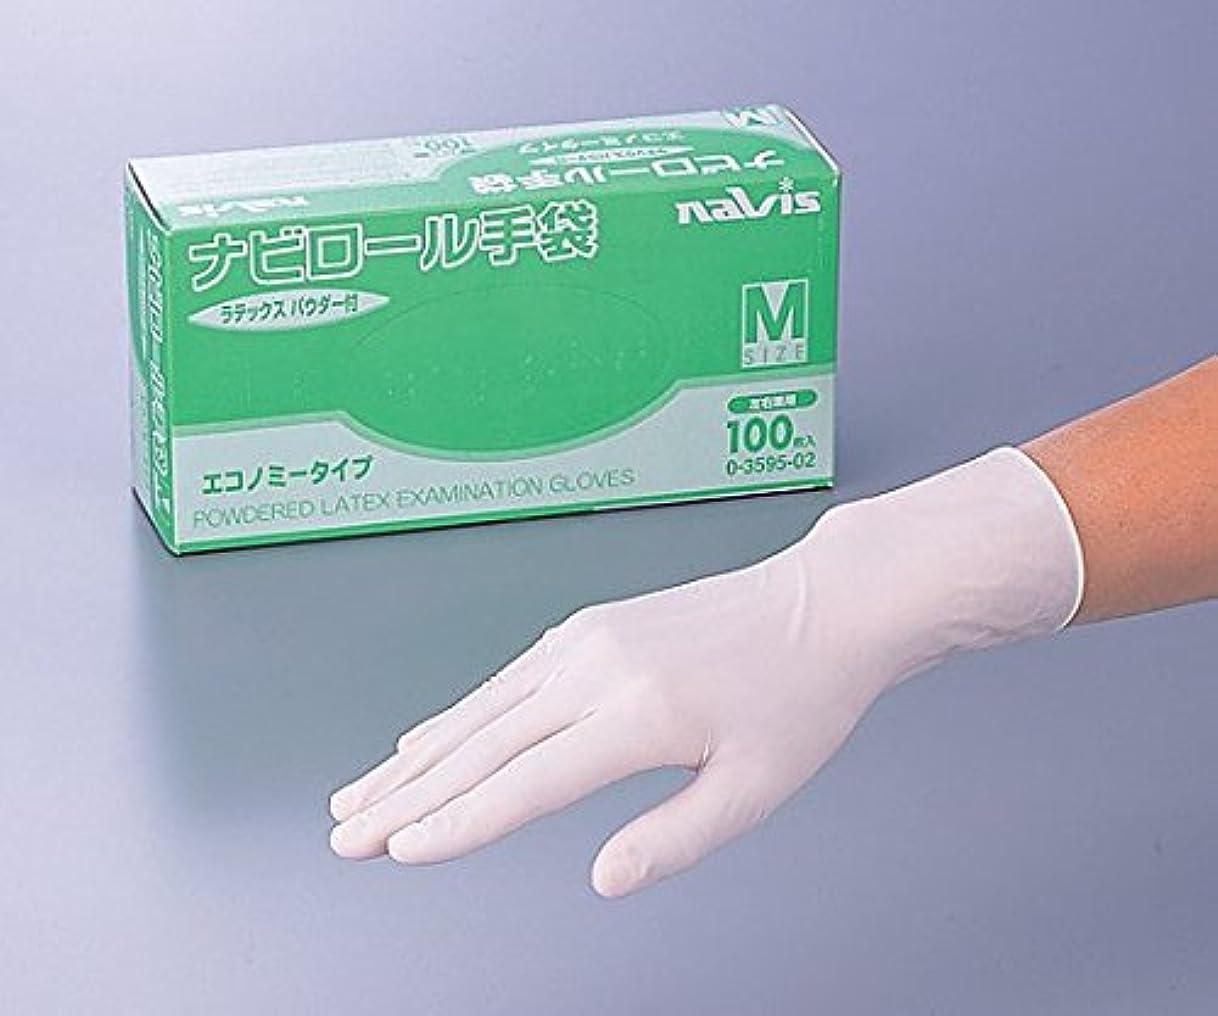 アズワン0-3595-01ナビロール手袋(エコノミータイプ?パウダー付)L100枚入